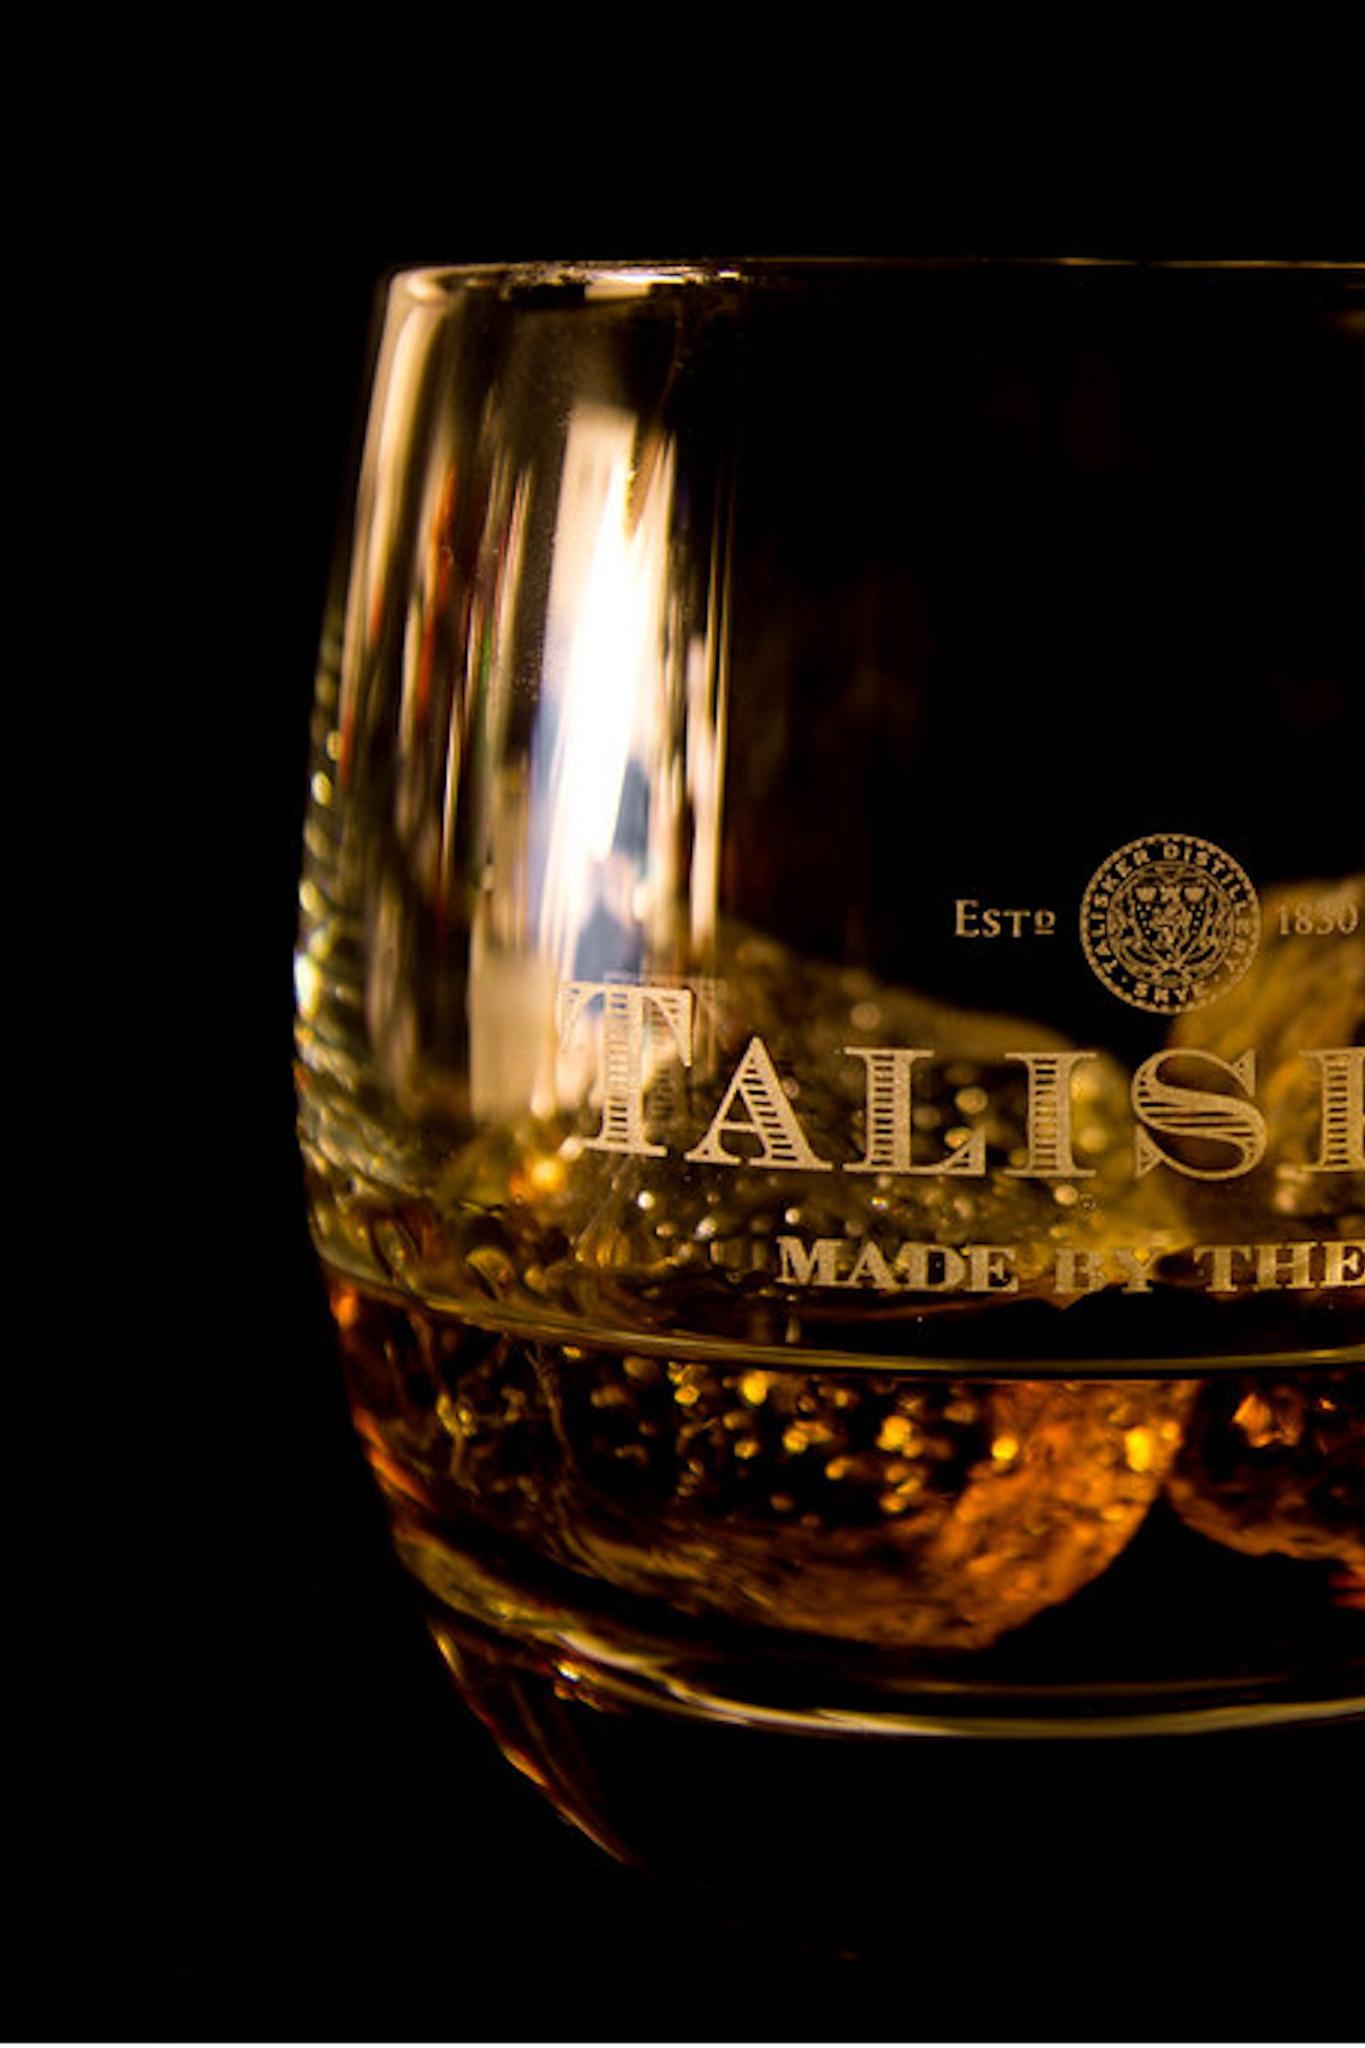 Scottish whisky on a black backdrop.